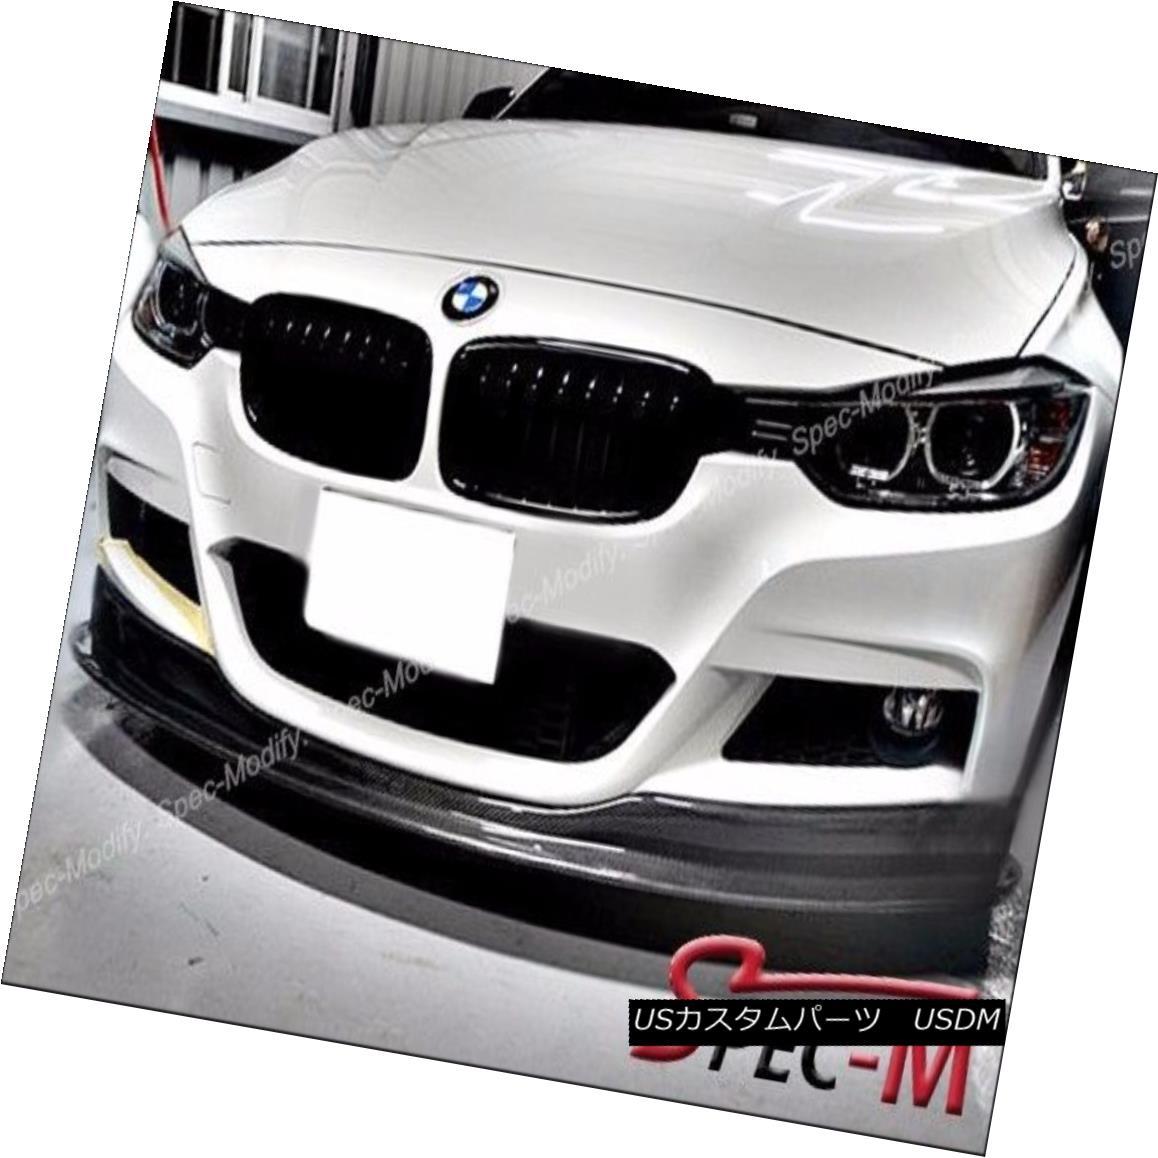 エアロパーツ Fit BMW F30 F31 328i 335i DP II Carbon Fiber Front Bumper Spoiler Lip 2012-2015 フィットBMW F30 F31 328i 335i DP IIカーボンファイバーフ